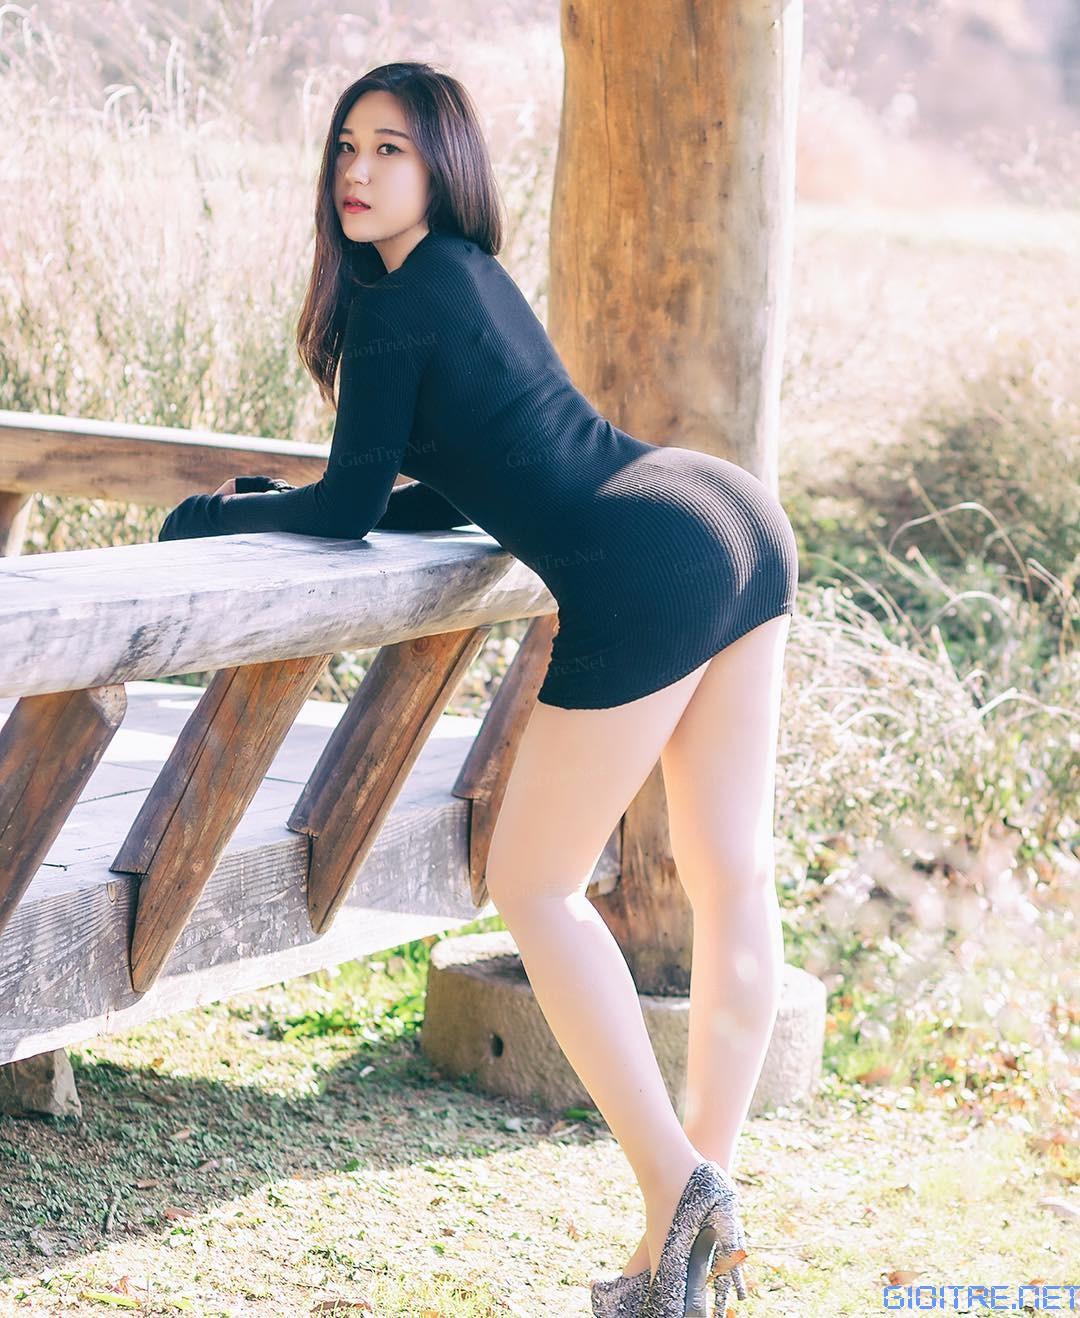 Em xinh dáng chuẩn - Thiên thần hiện thân^^